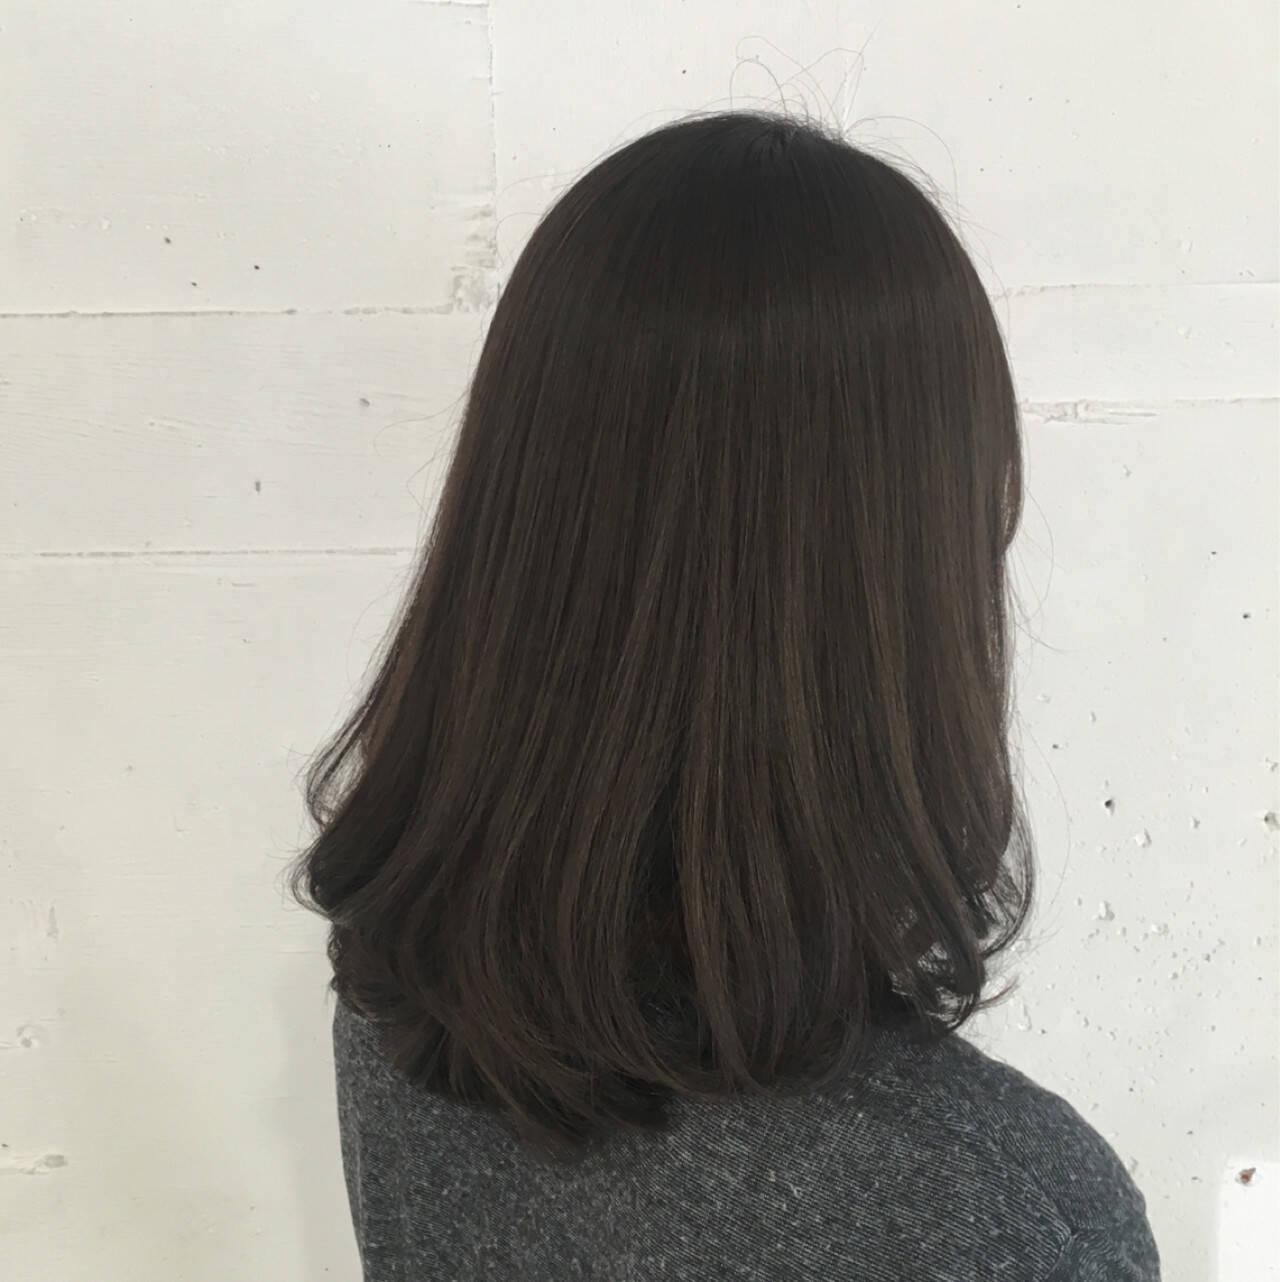 アッシュグレージュ ボブ 外国人風 ナチュラルヘアスタイルや髪型の写真・画像